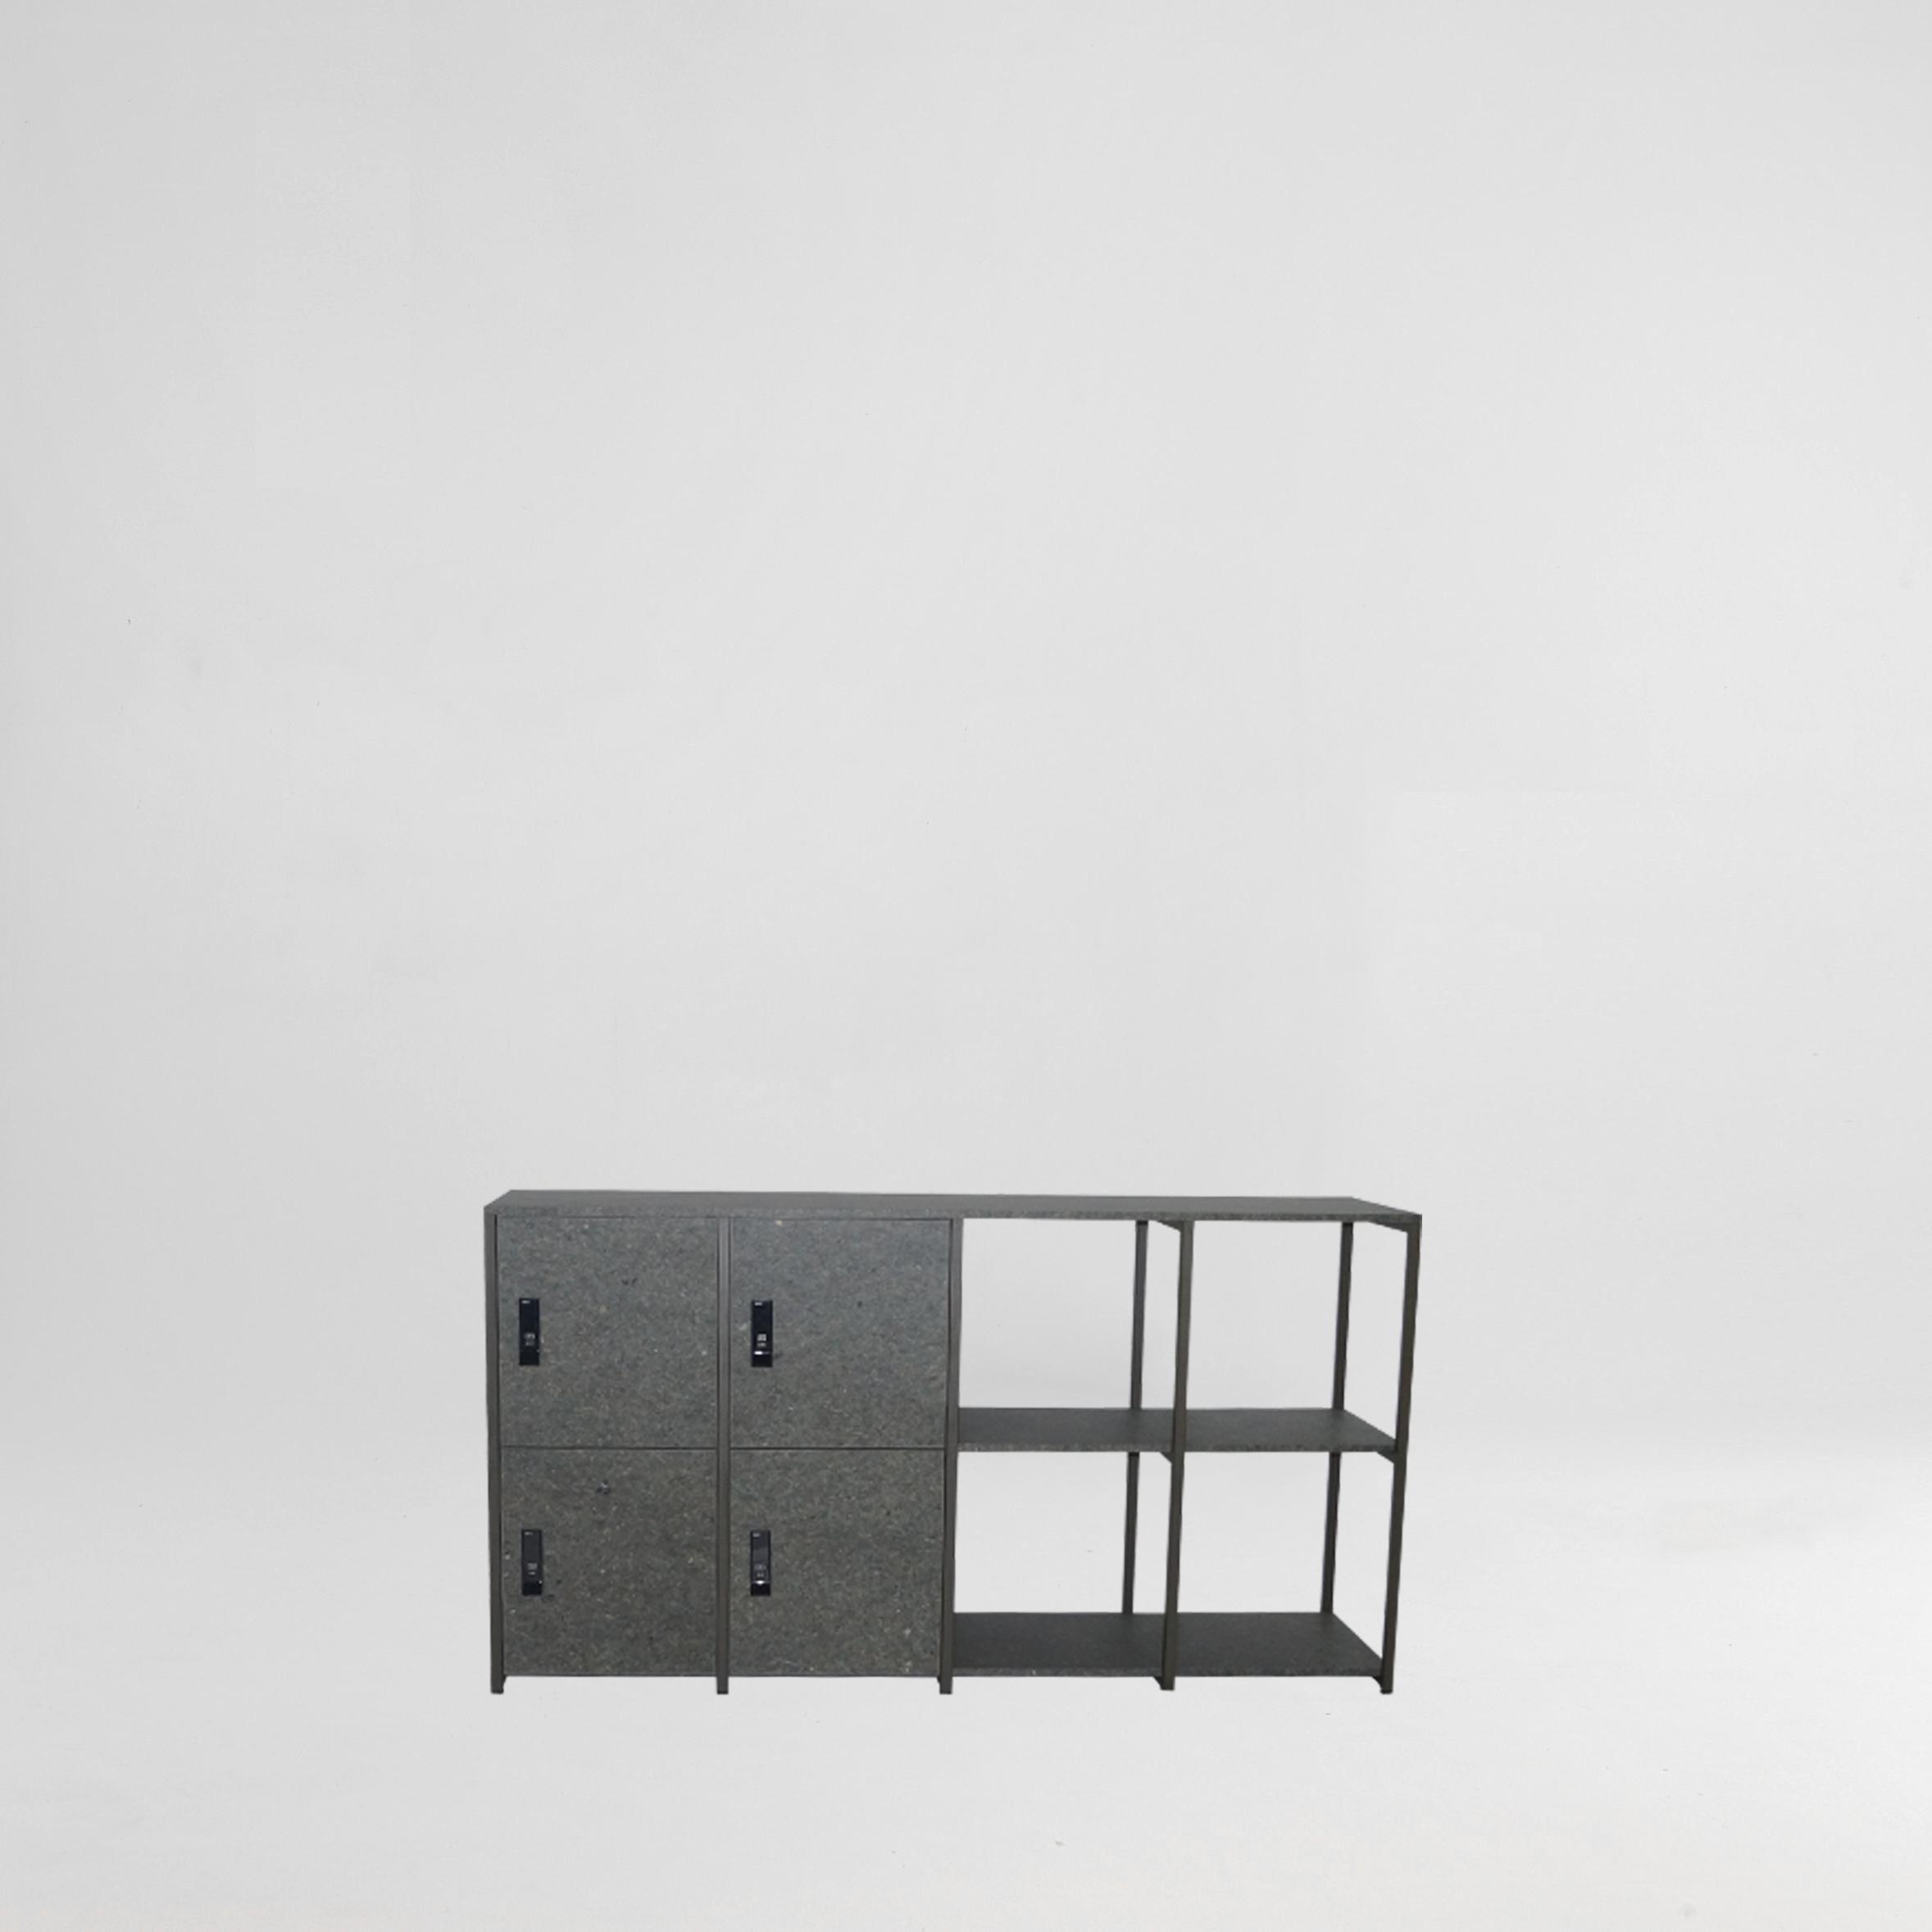 cubics small